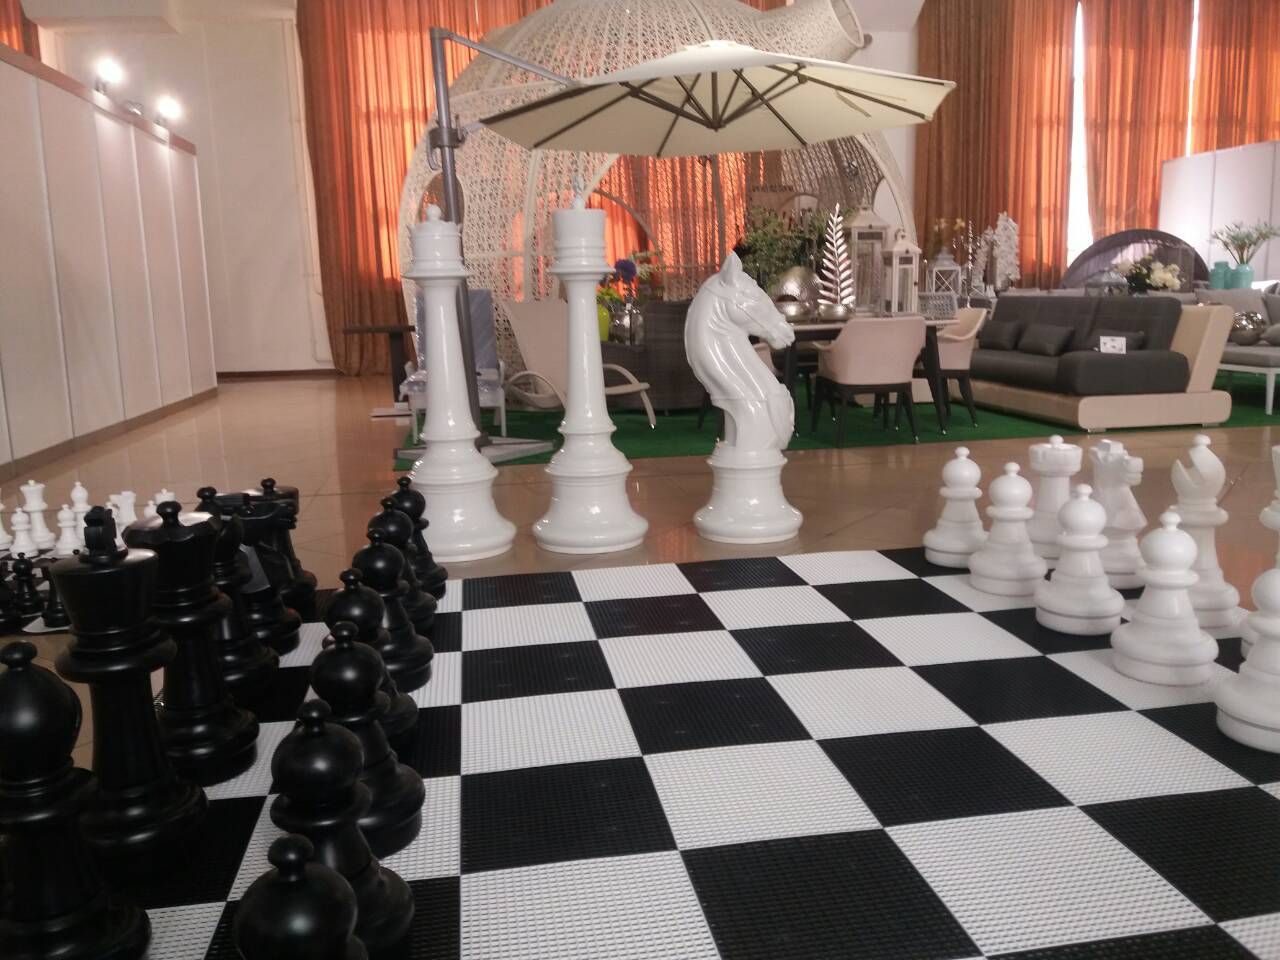 Большие и гигантские шахматы на выставке.